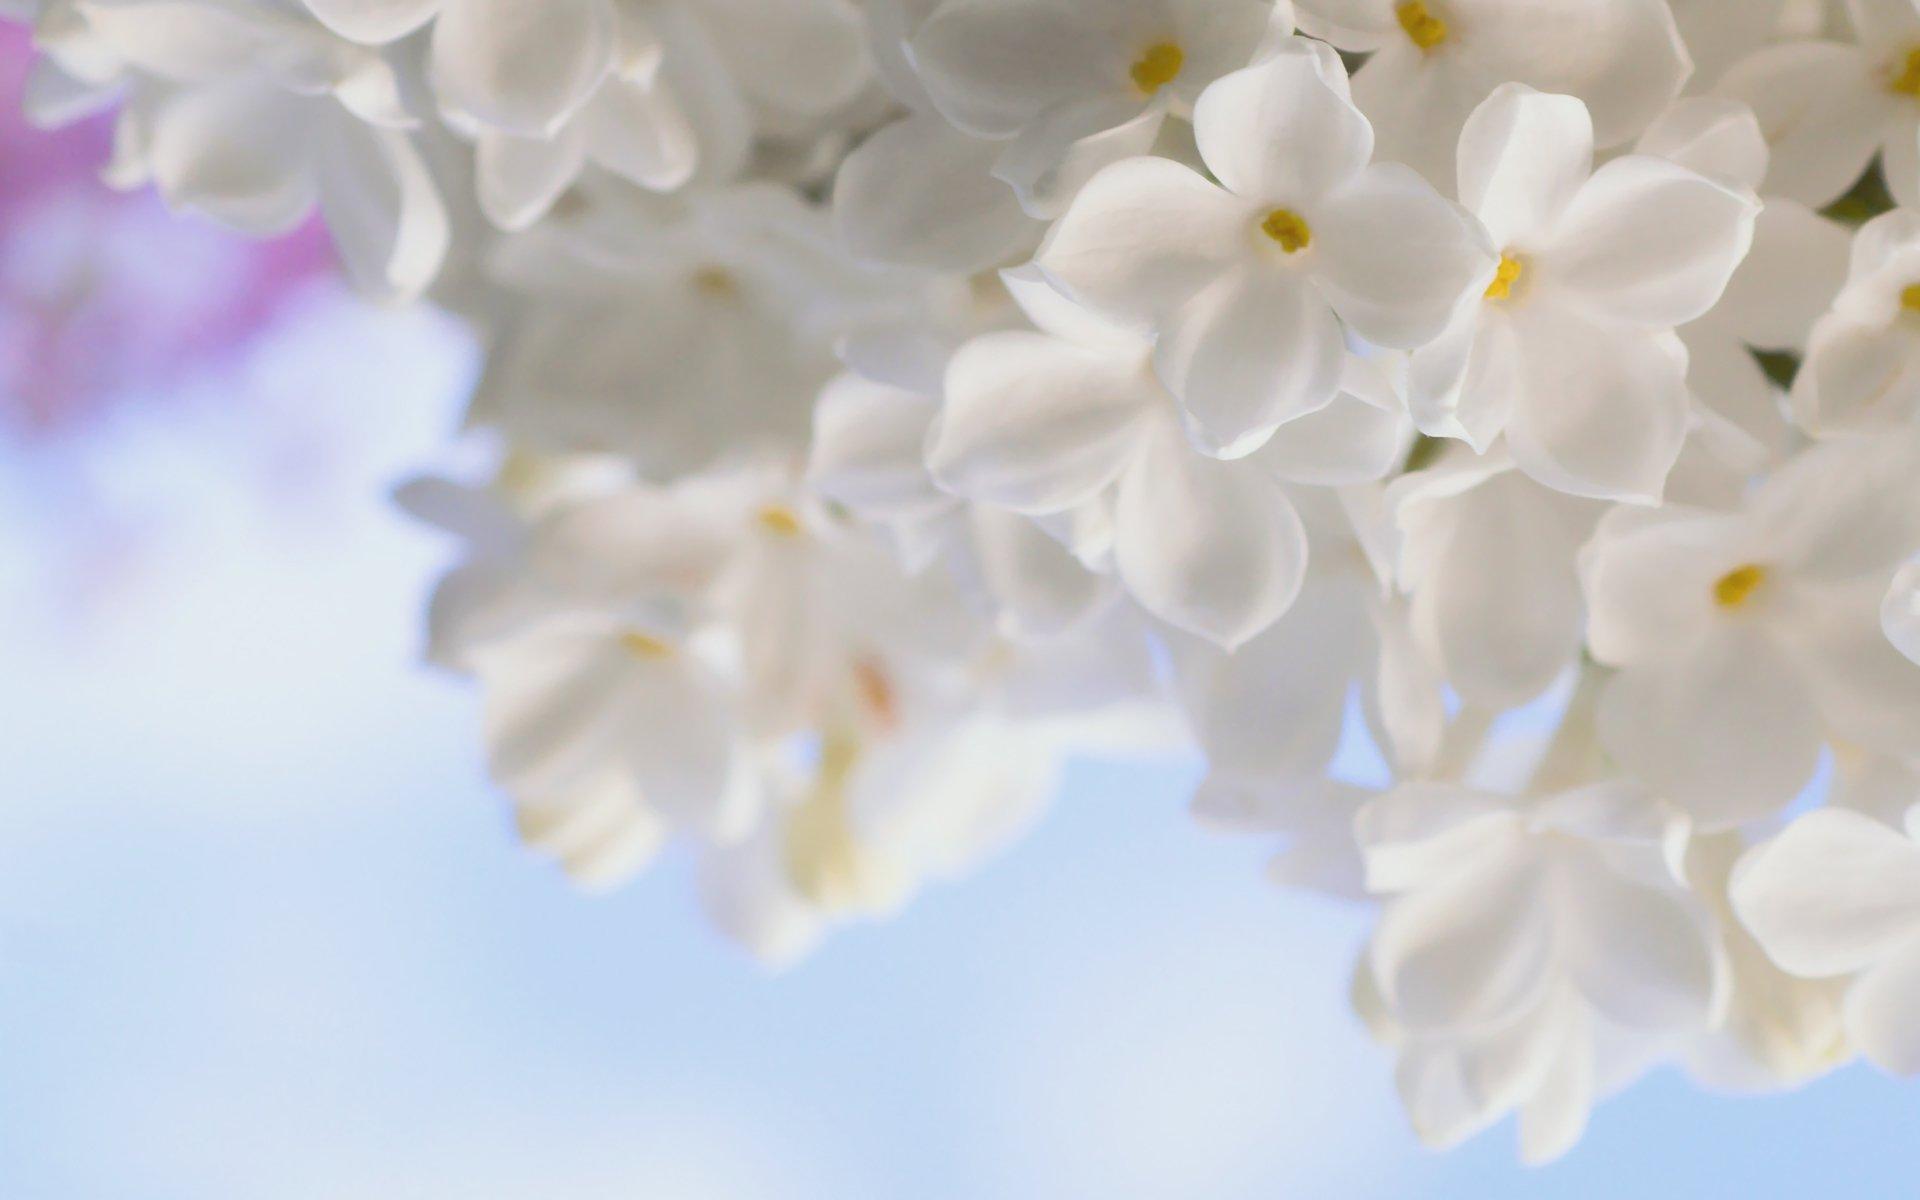 Сирень белая розовая сиреневая  № 3065846 загрузить